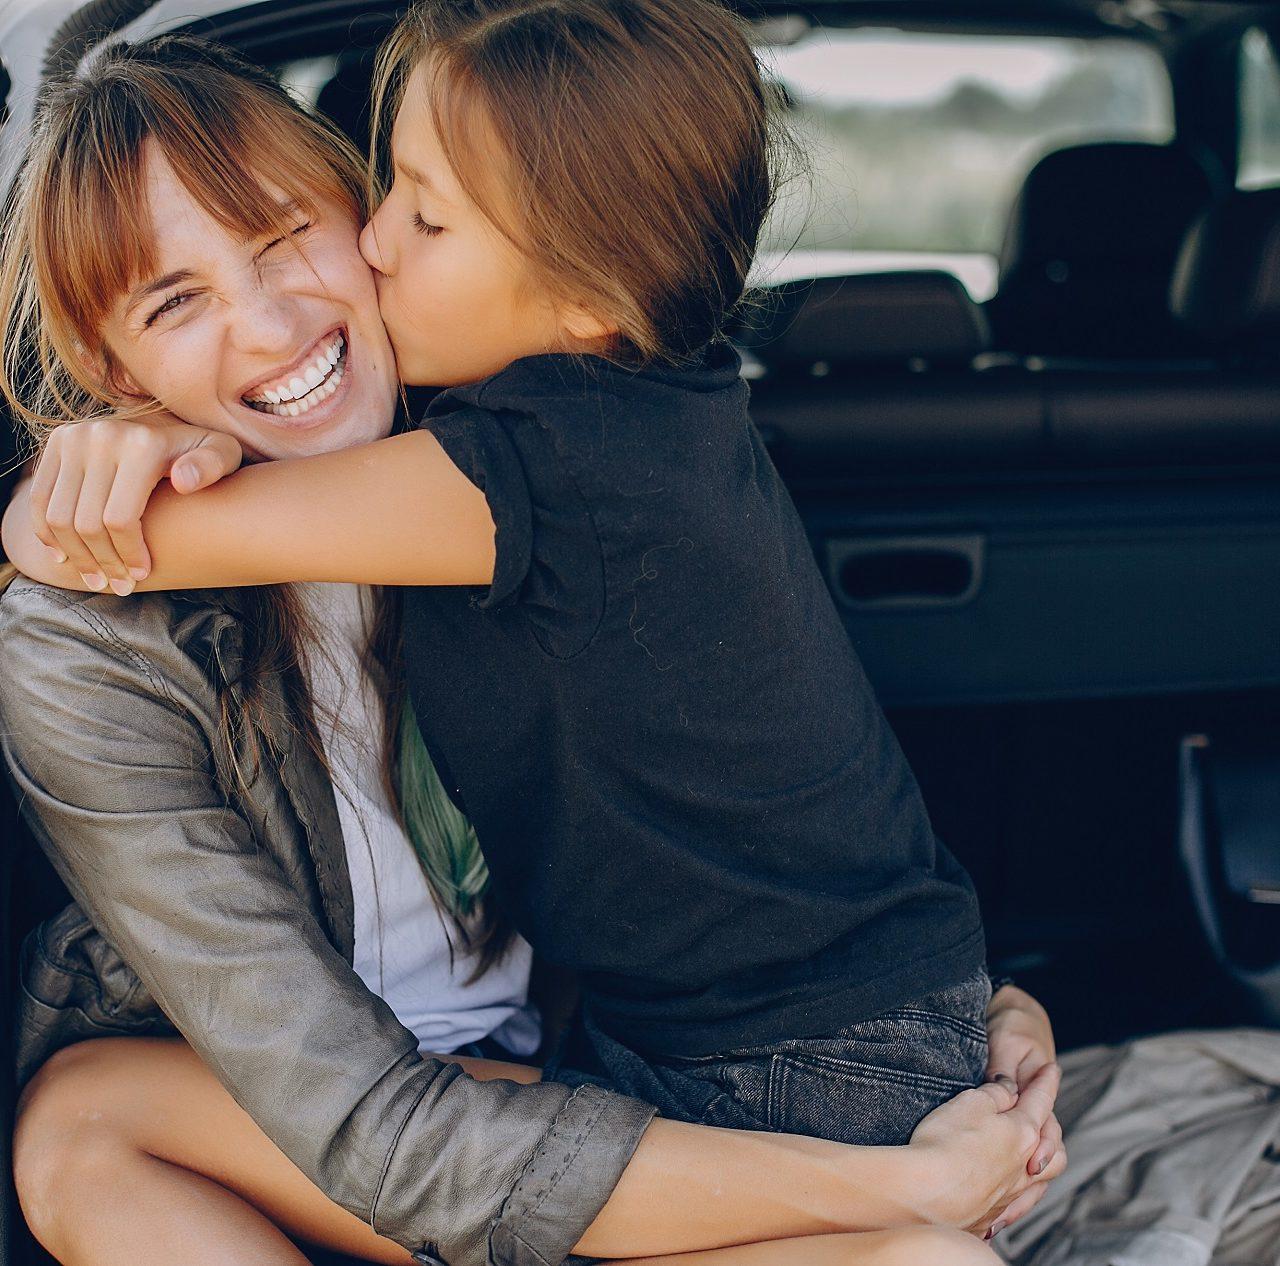 Putovanje s djecom uz manje stresa i više zabave!